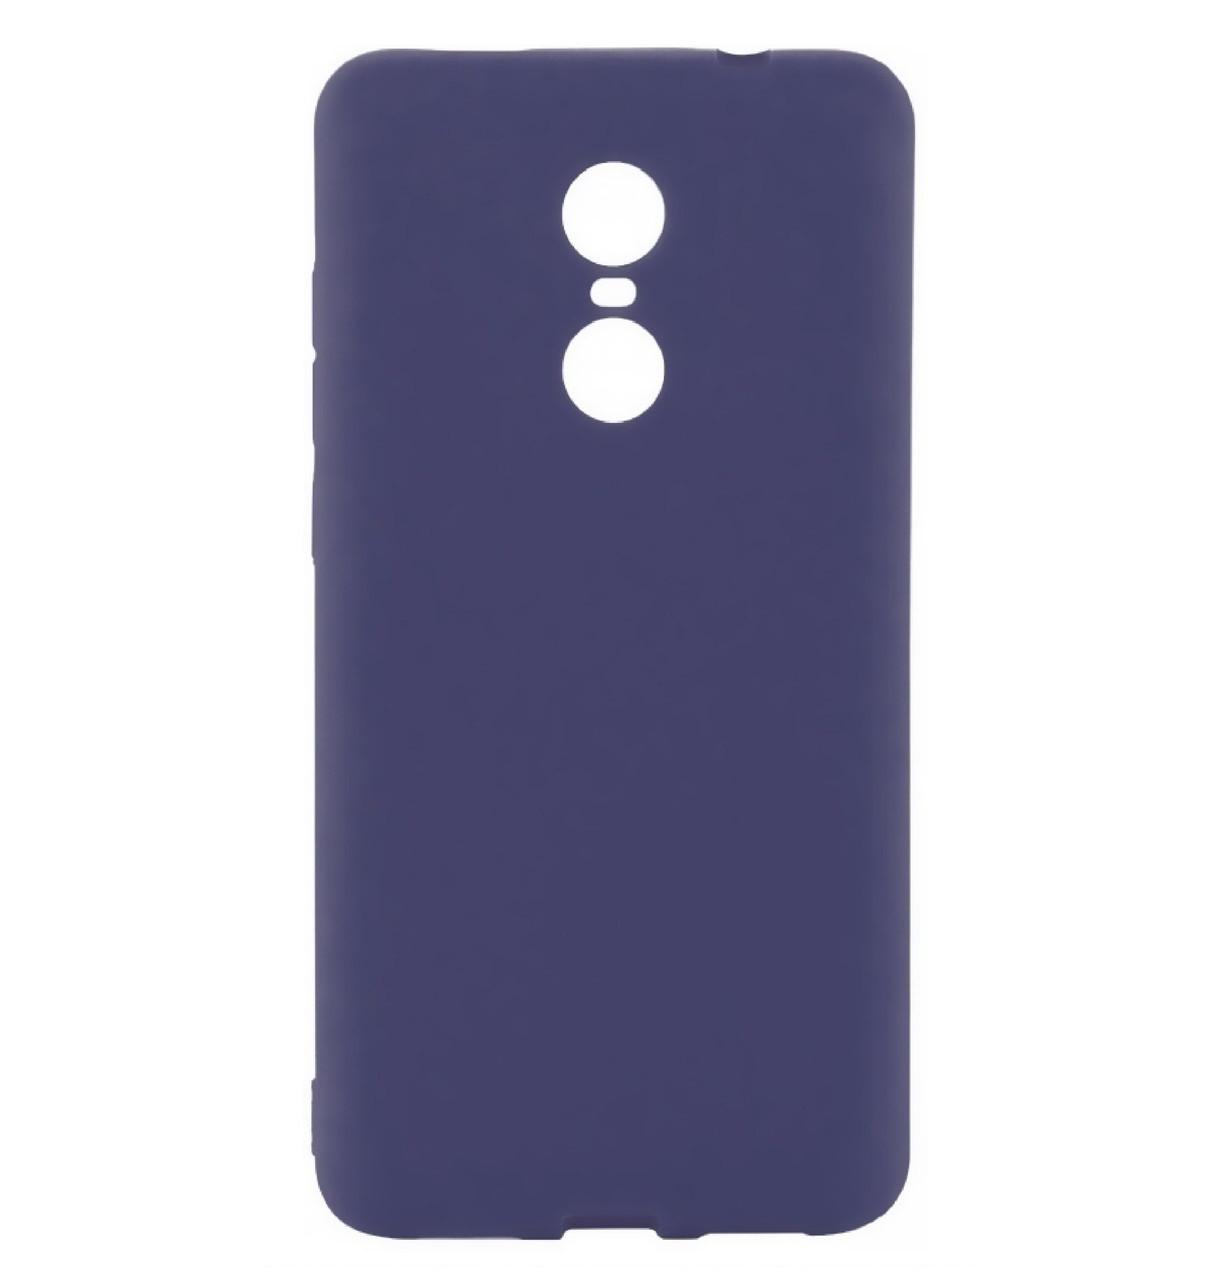 Силиконовый чехол Candy для Xiaomi Redmi 5 Dark Blue